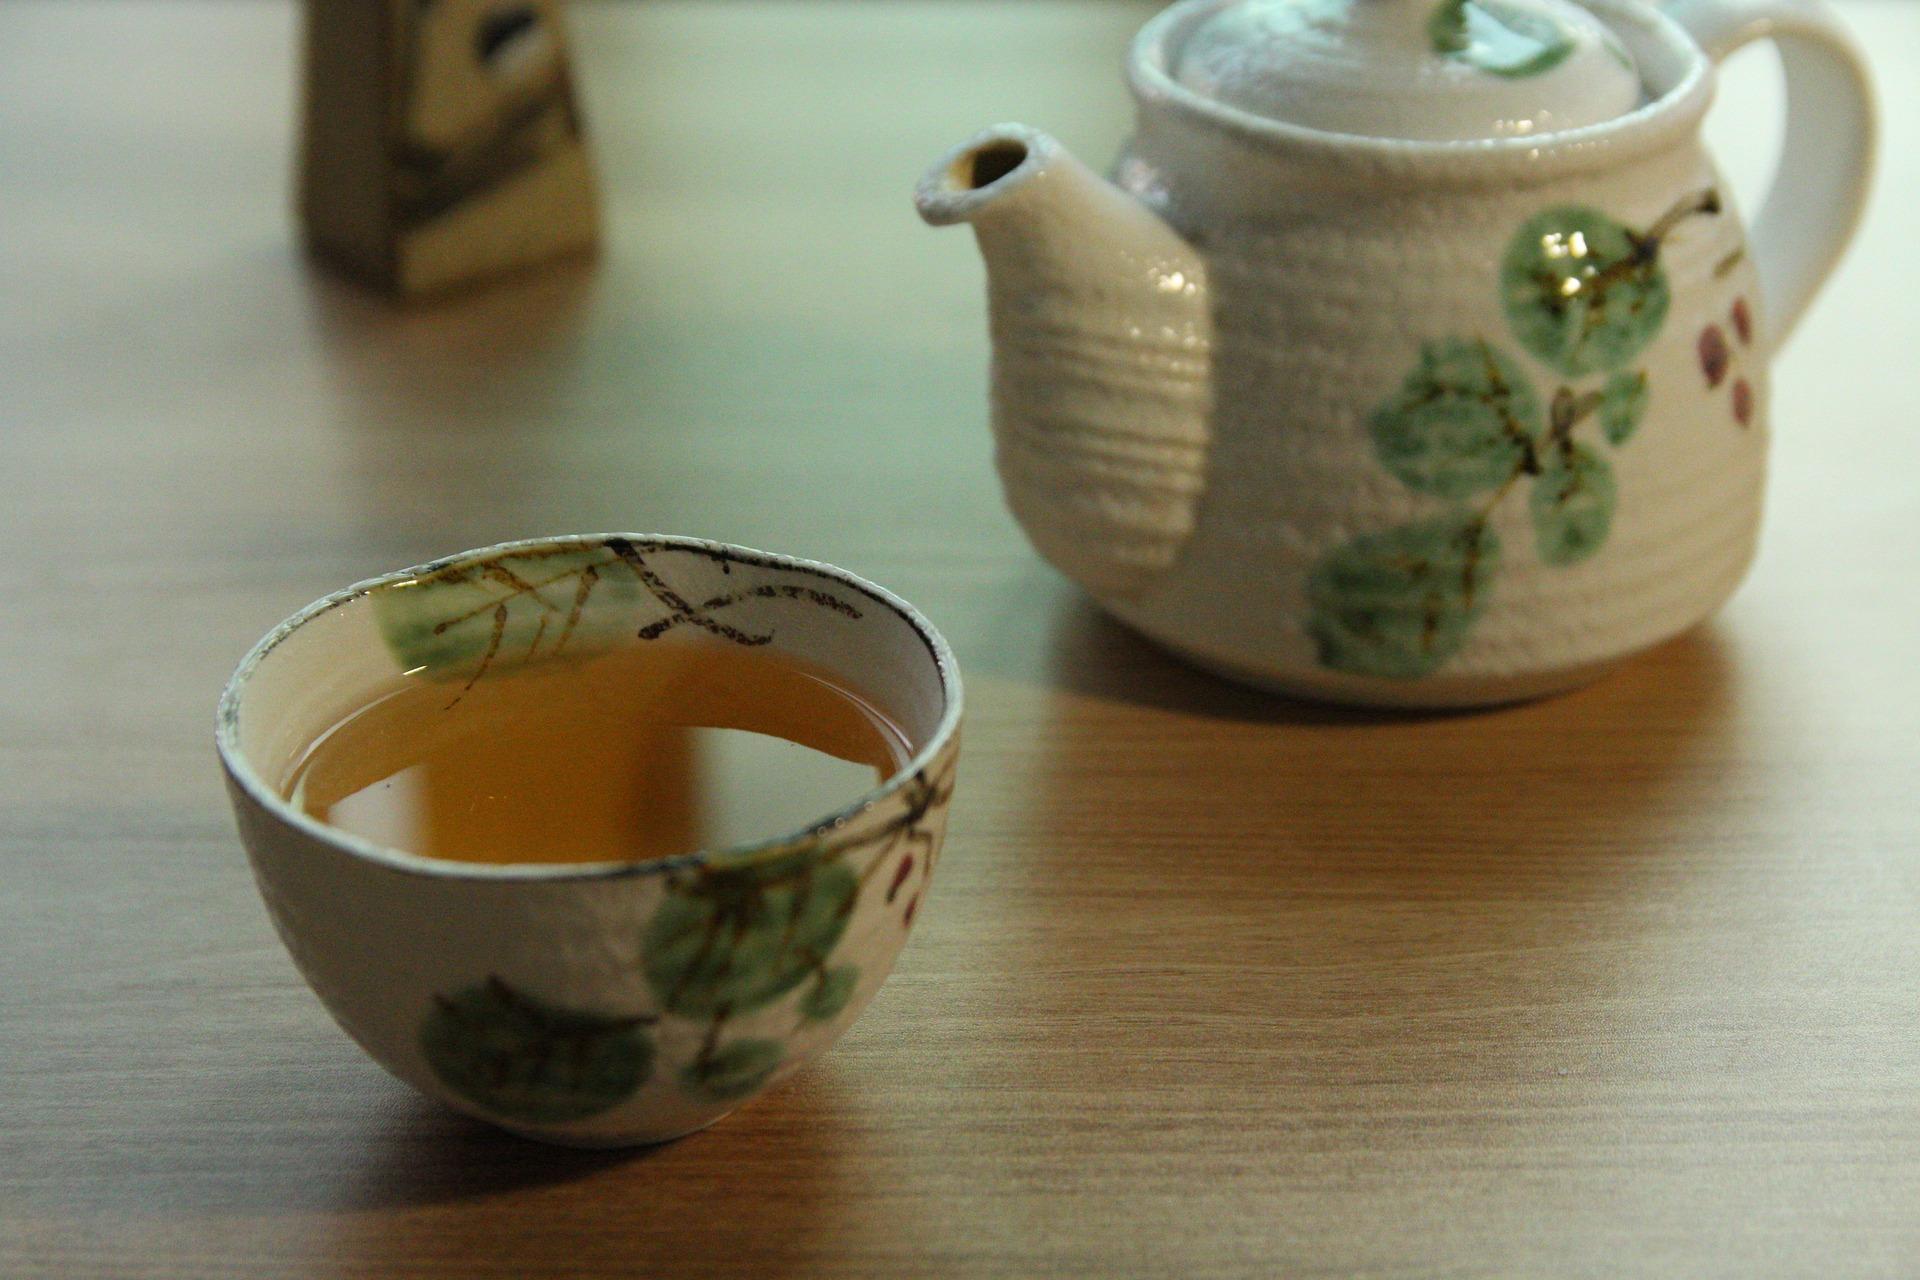 Grøn te og krydderier til kød – HEDEBOGAARD A/S har et nuanceret udvalg